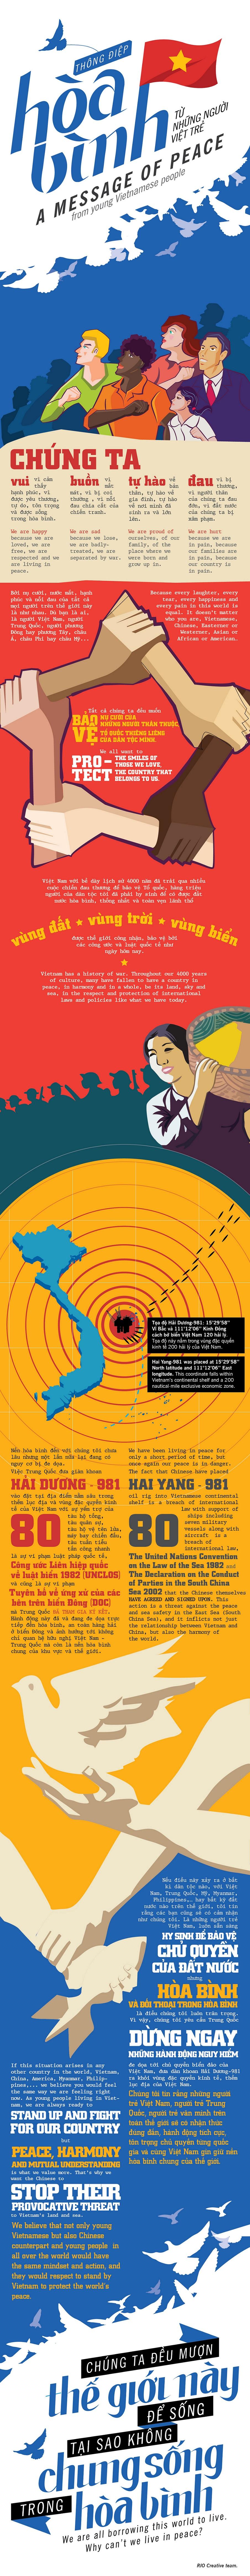 Infographic - Thông Điệp Hòa Bình